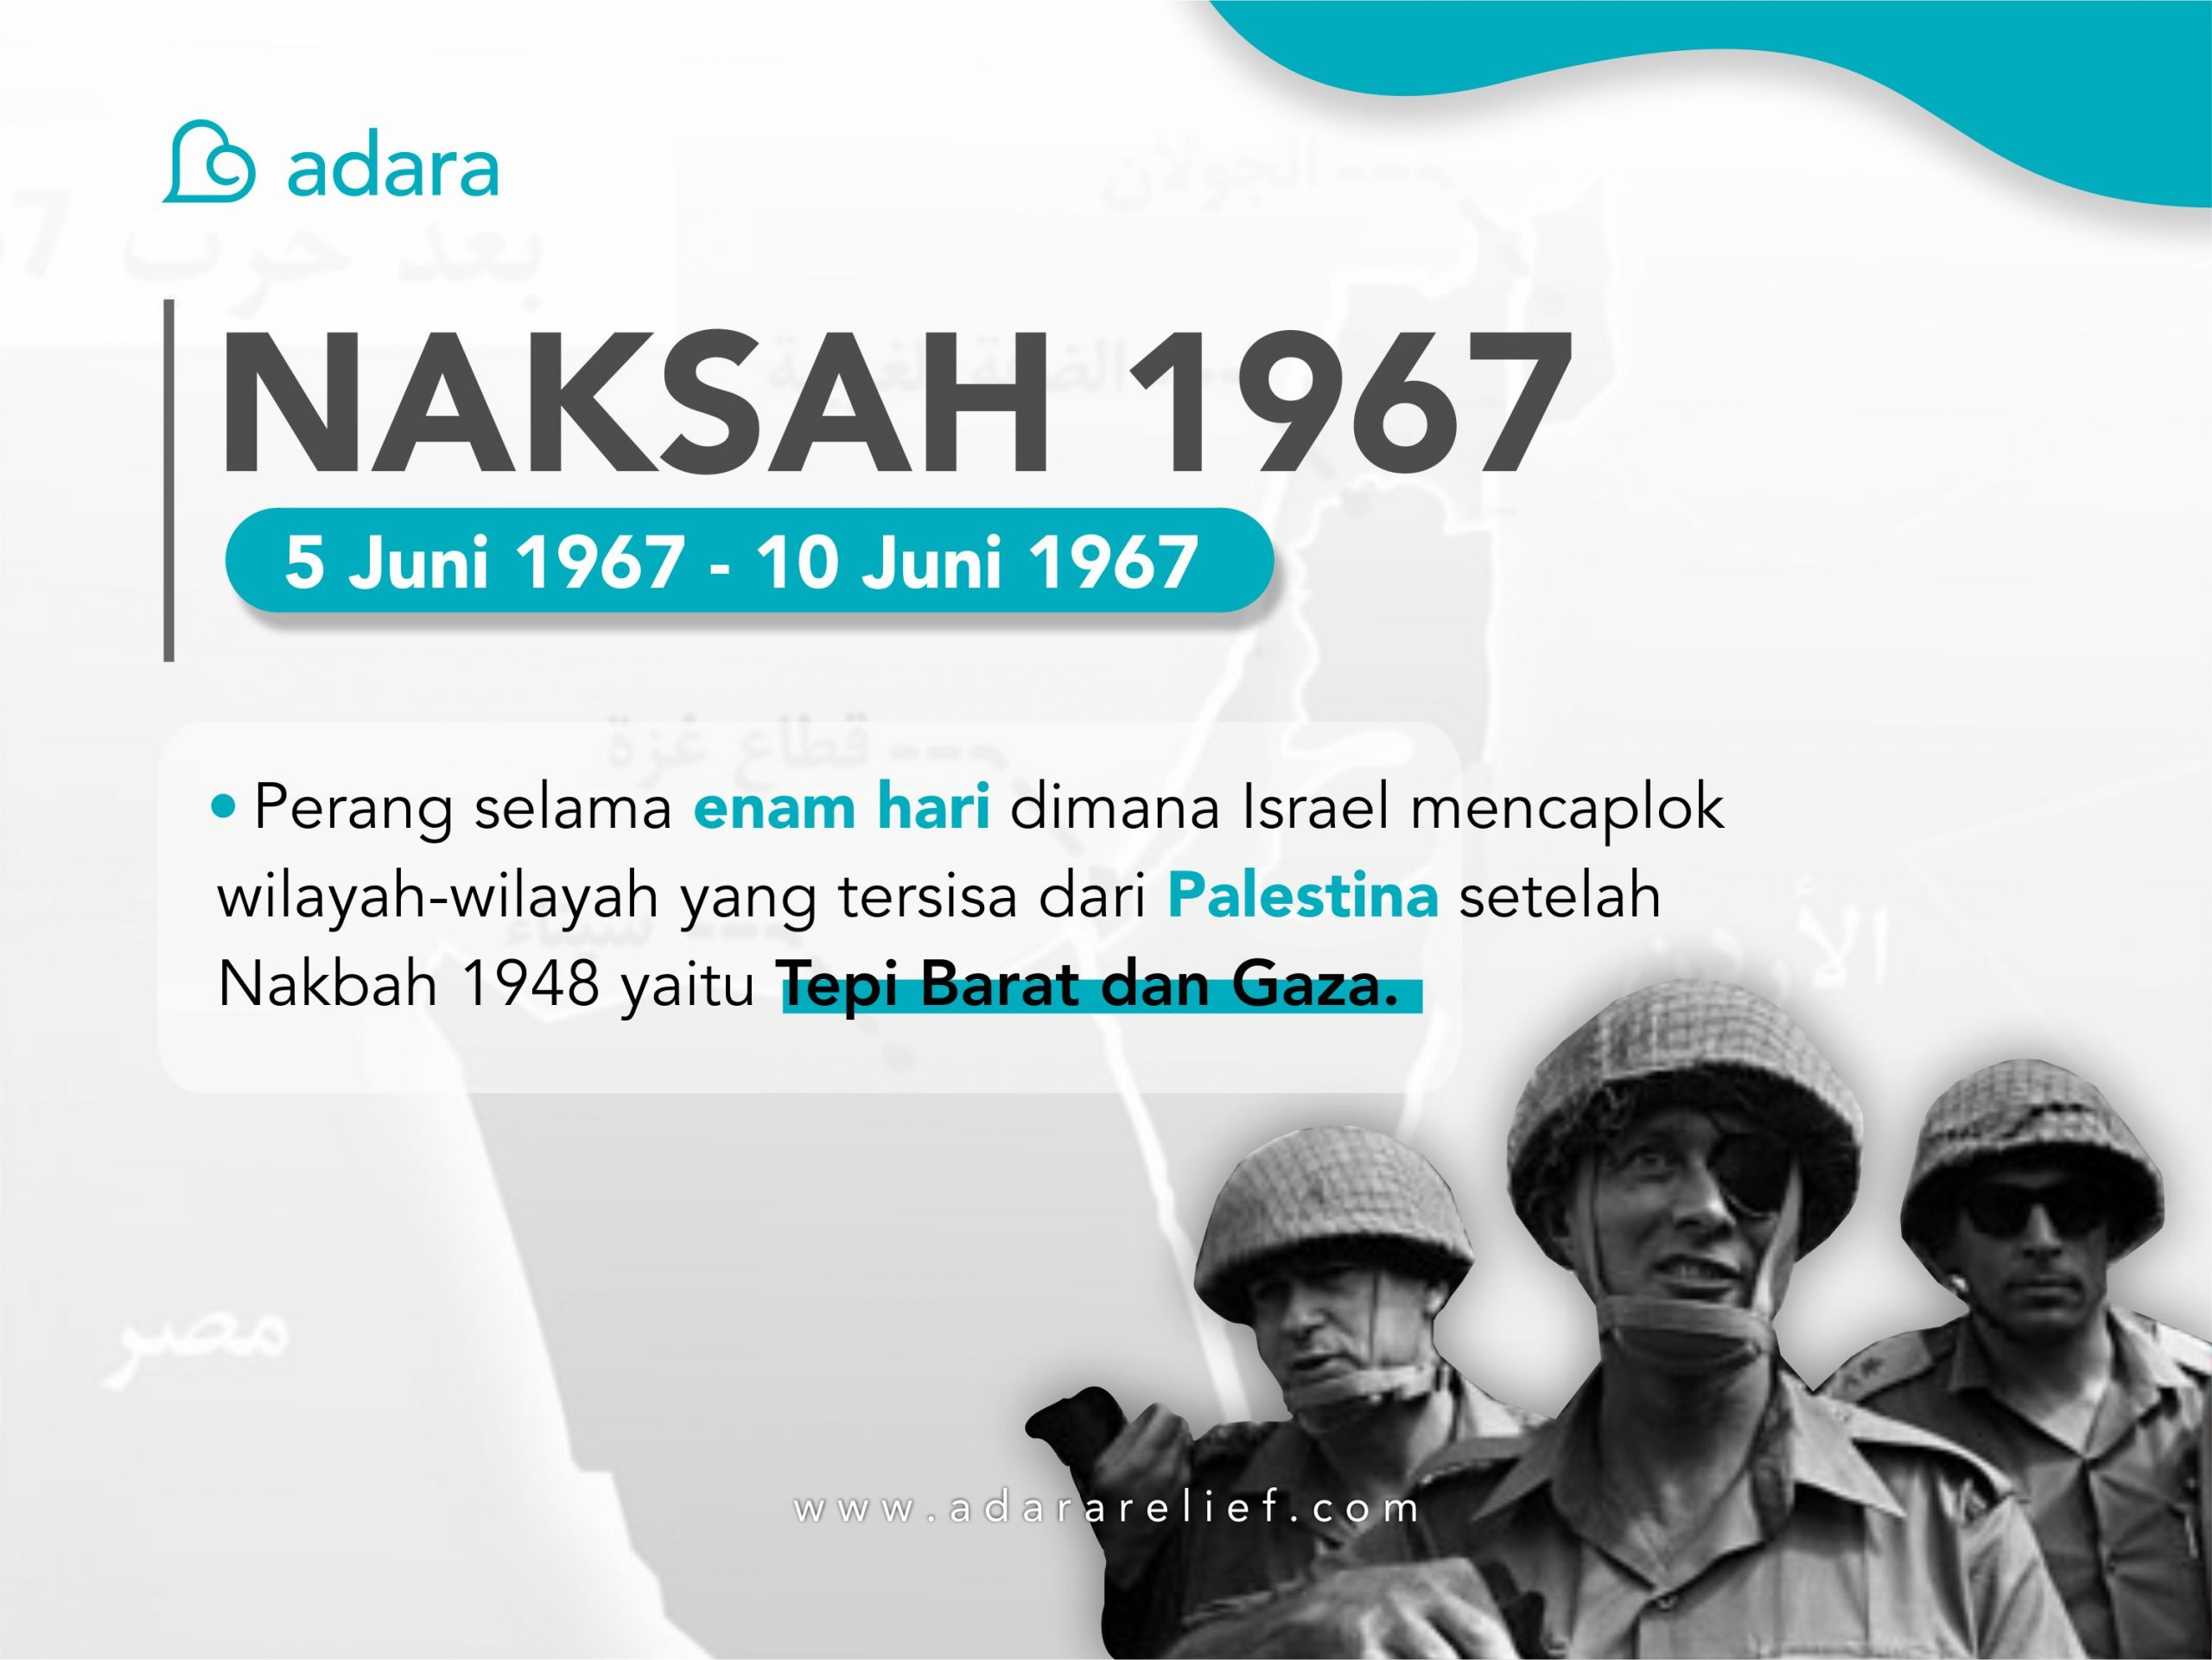 Penjajahan Zionis dan Perang Naksah 1967